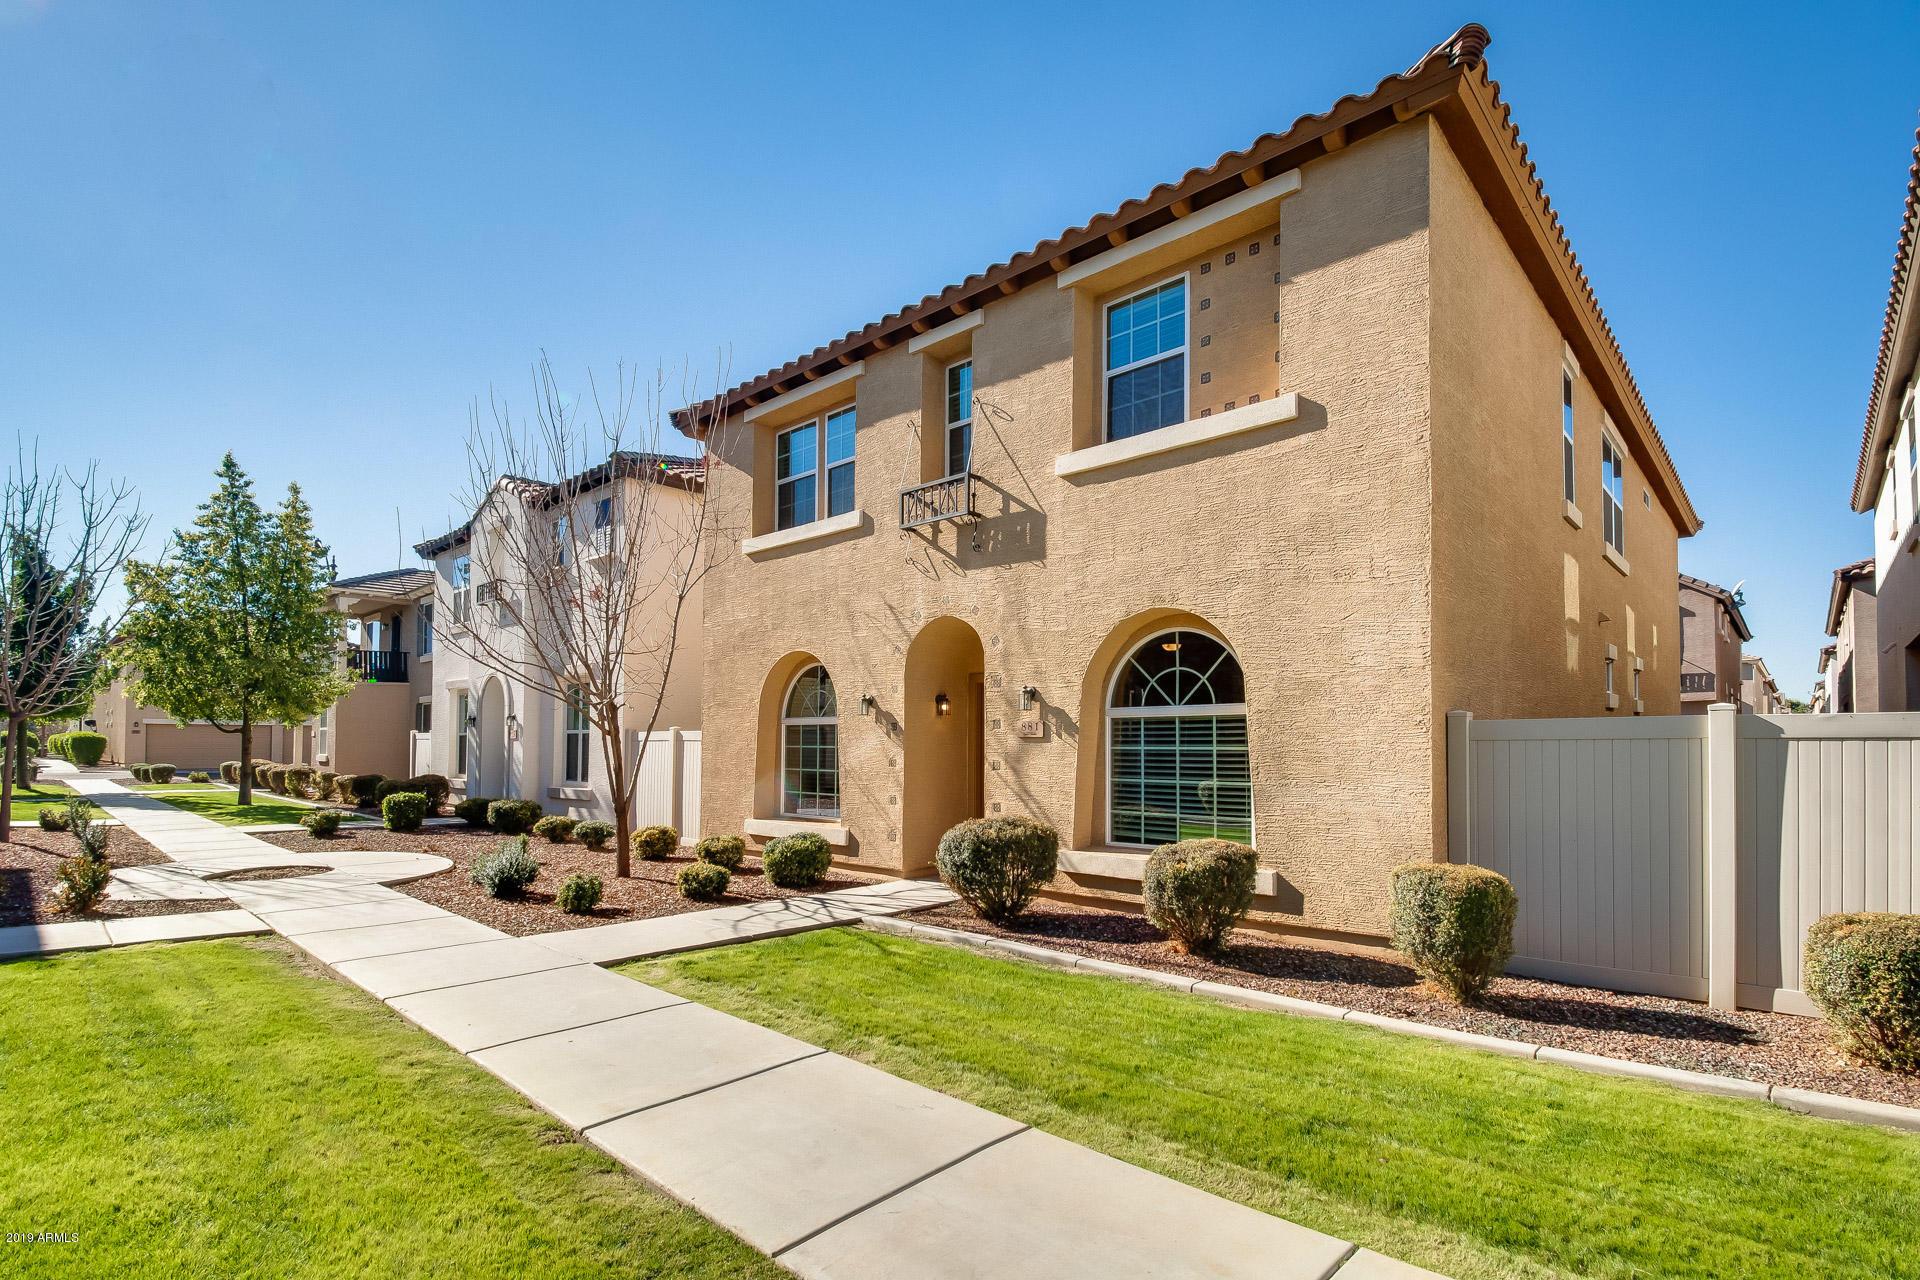 MLS 5863201 881 S BREWER Drive, Gilbert, AZ 85296 Gilbert AZ 3 or More Car Garage